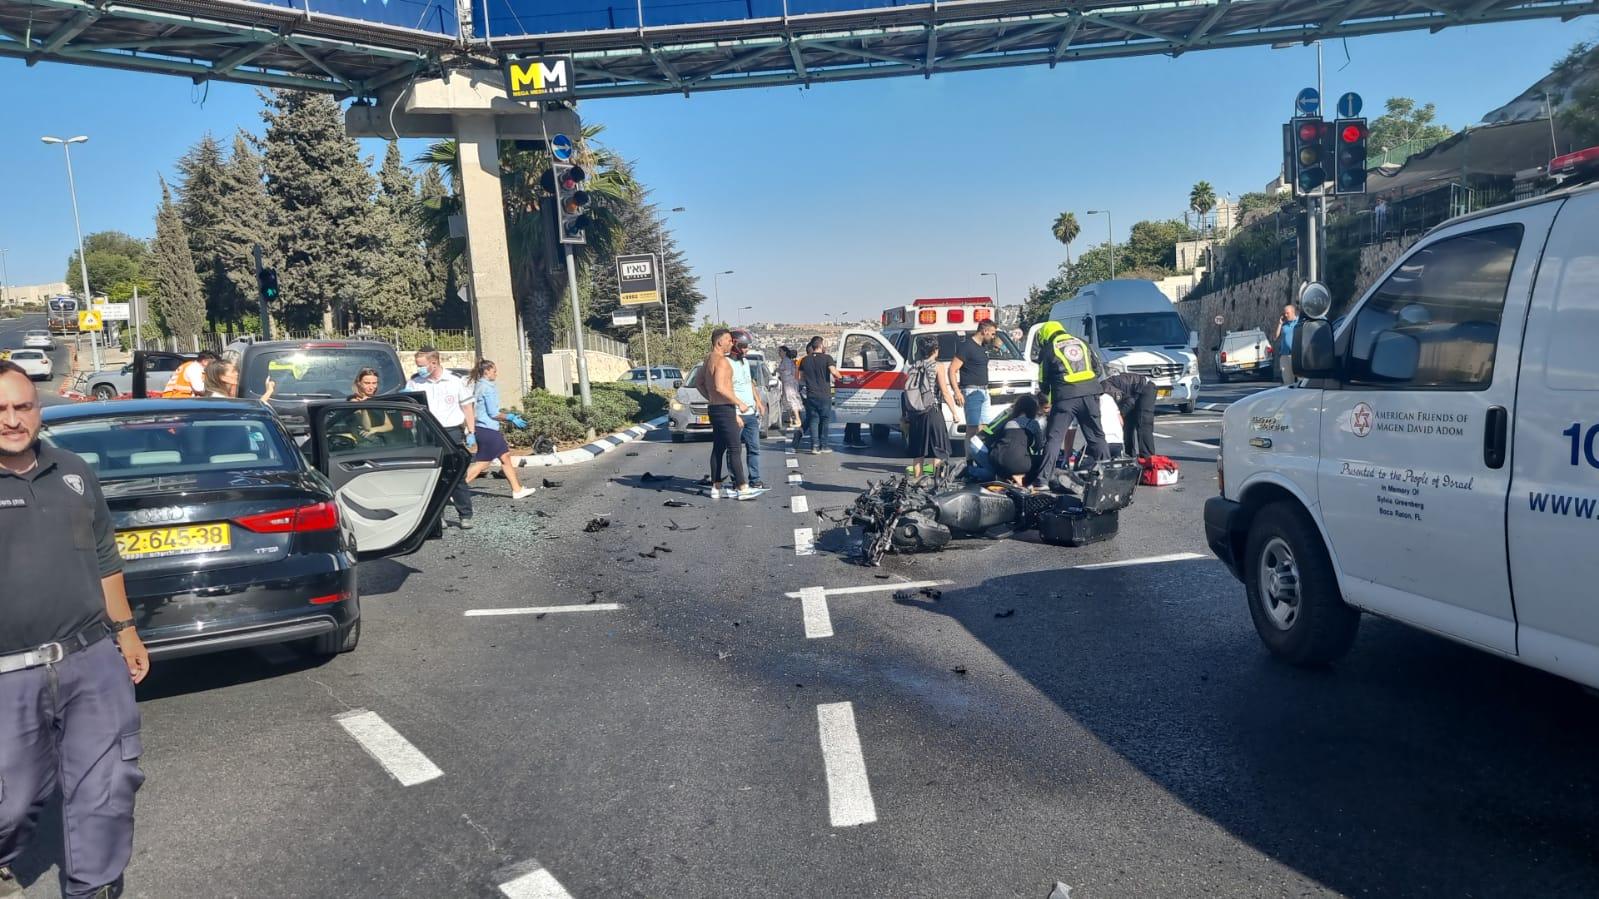 זירת התאונה ברחוב גולומב פינת משה שרת בירושלים שבה נהרג הרוכב בן ה-30